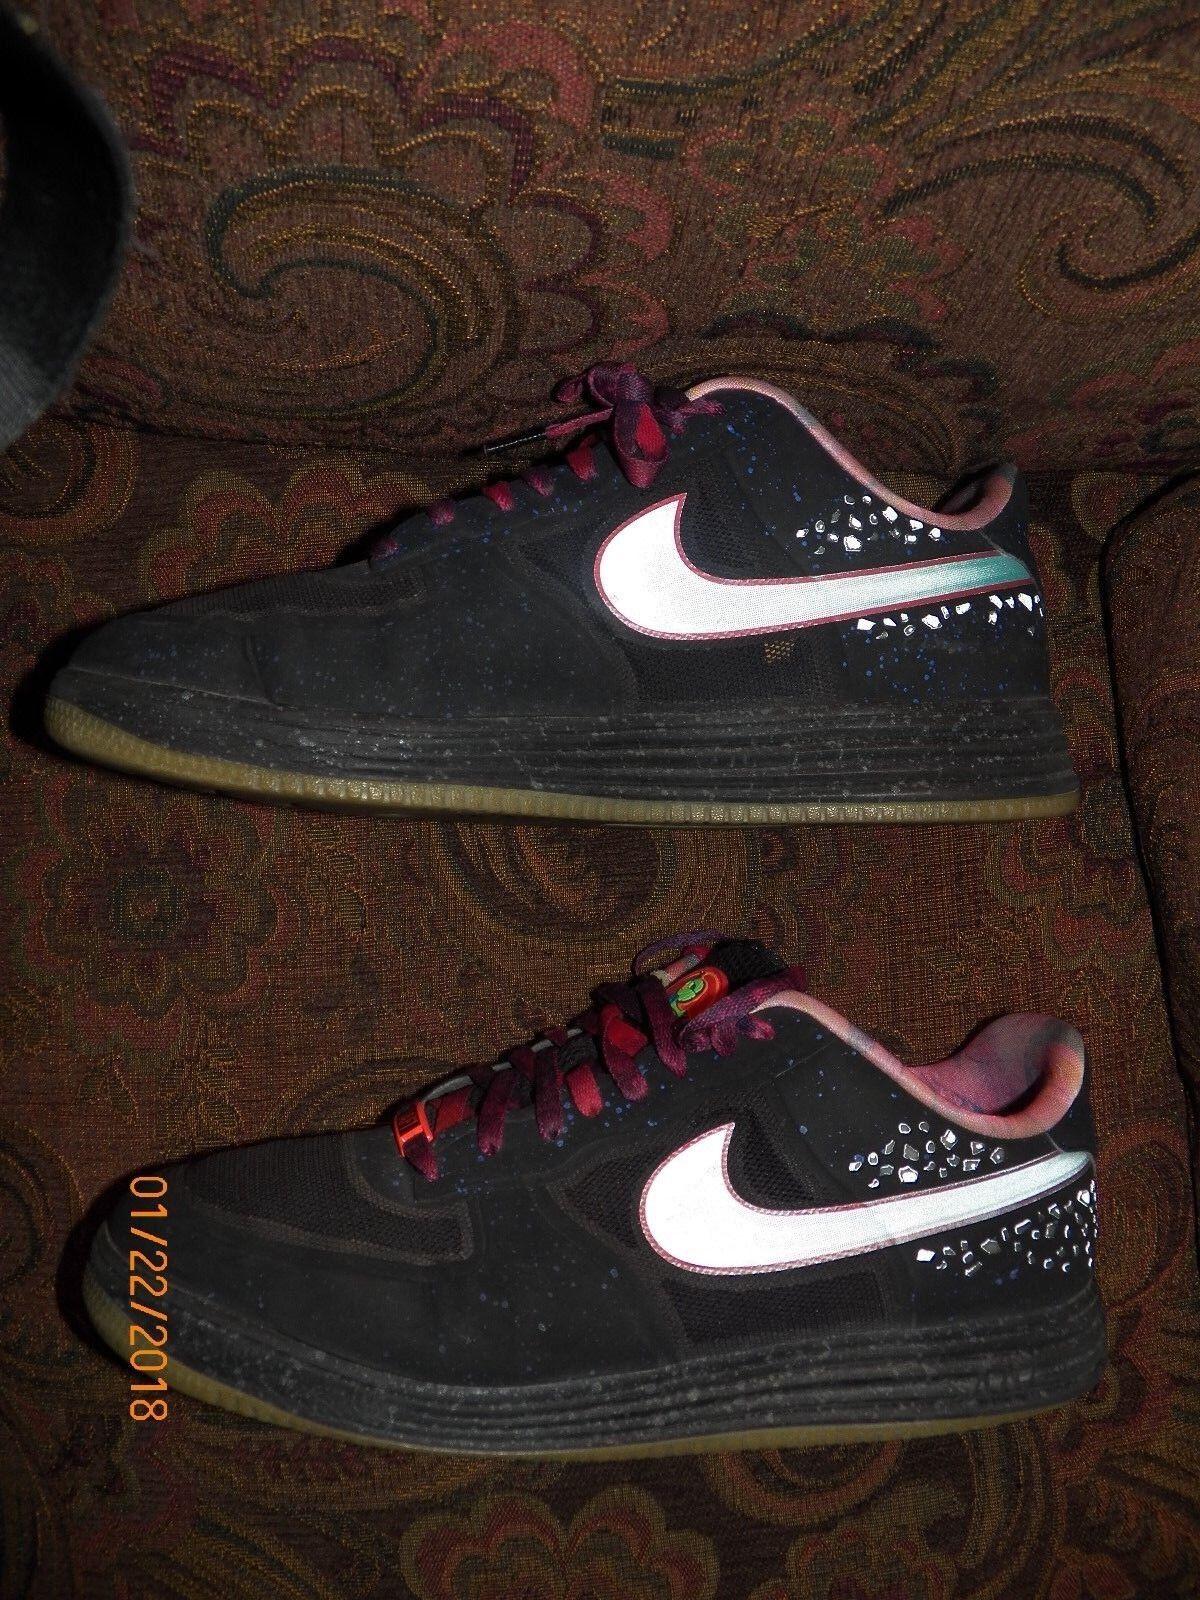 Men's Nike Lunar Force 1